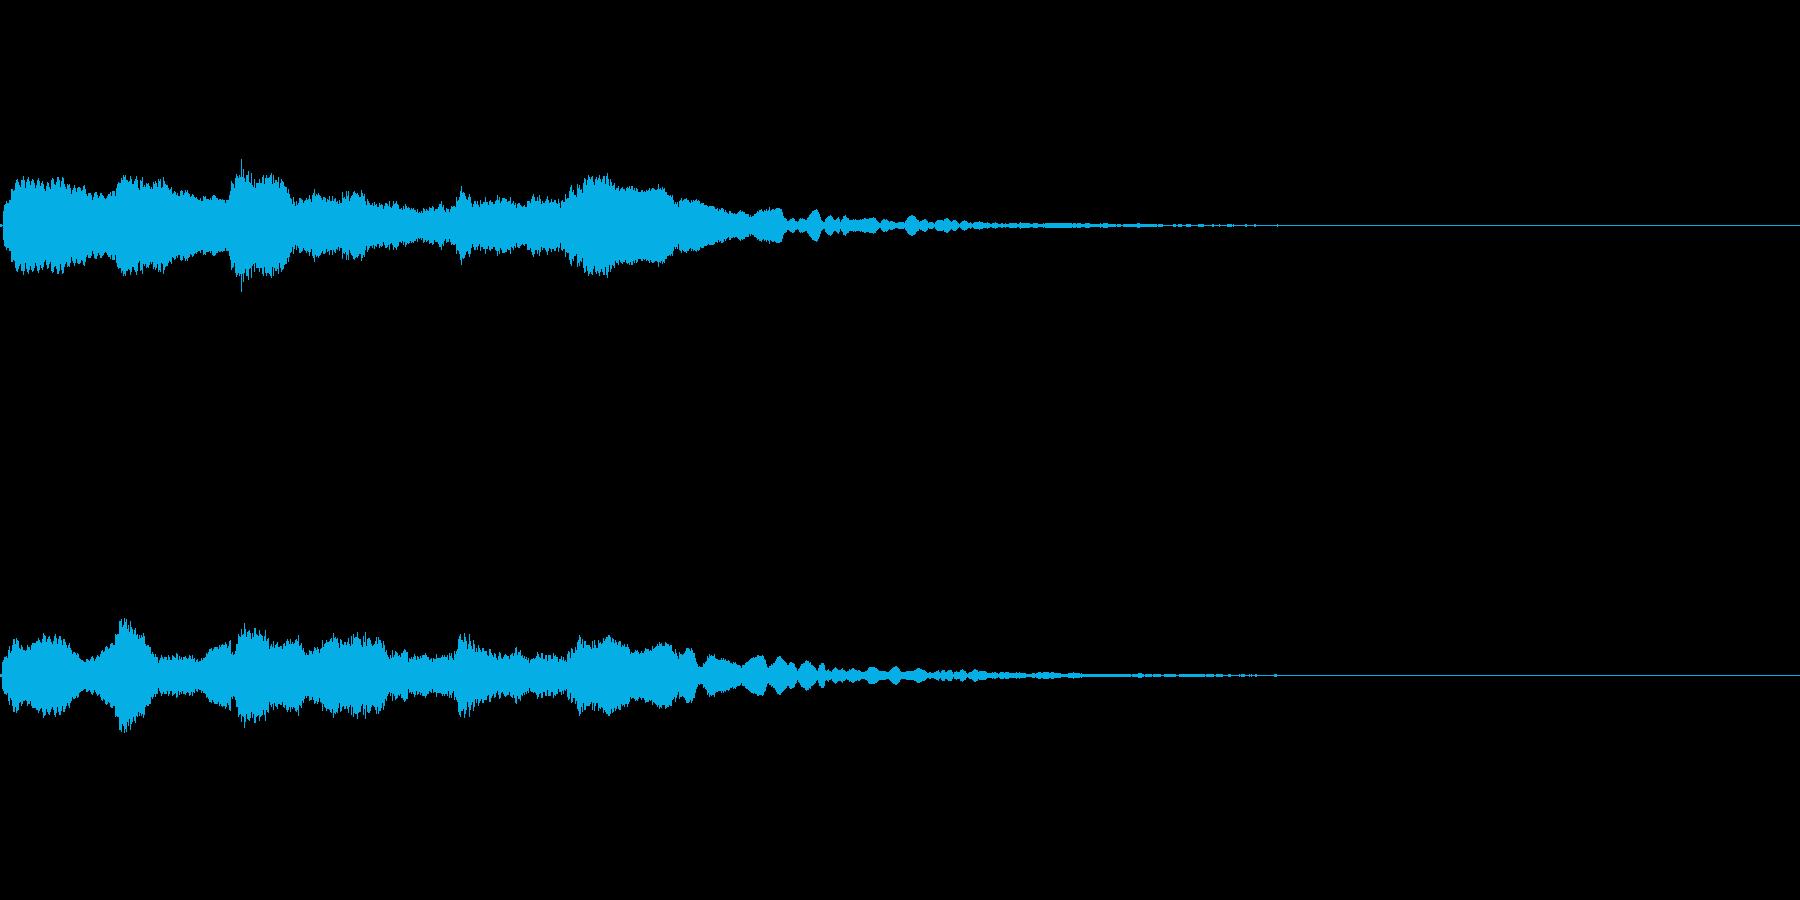 キラキラ 場面転換の再生済みの波形